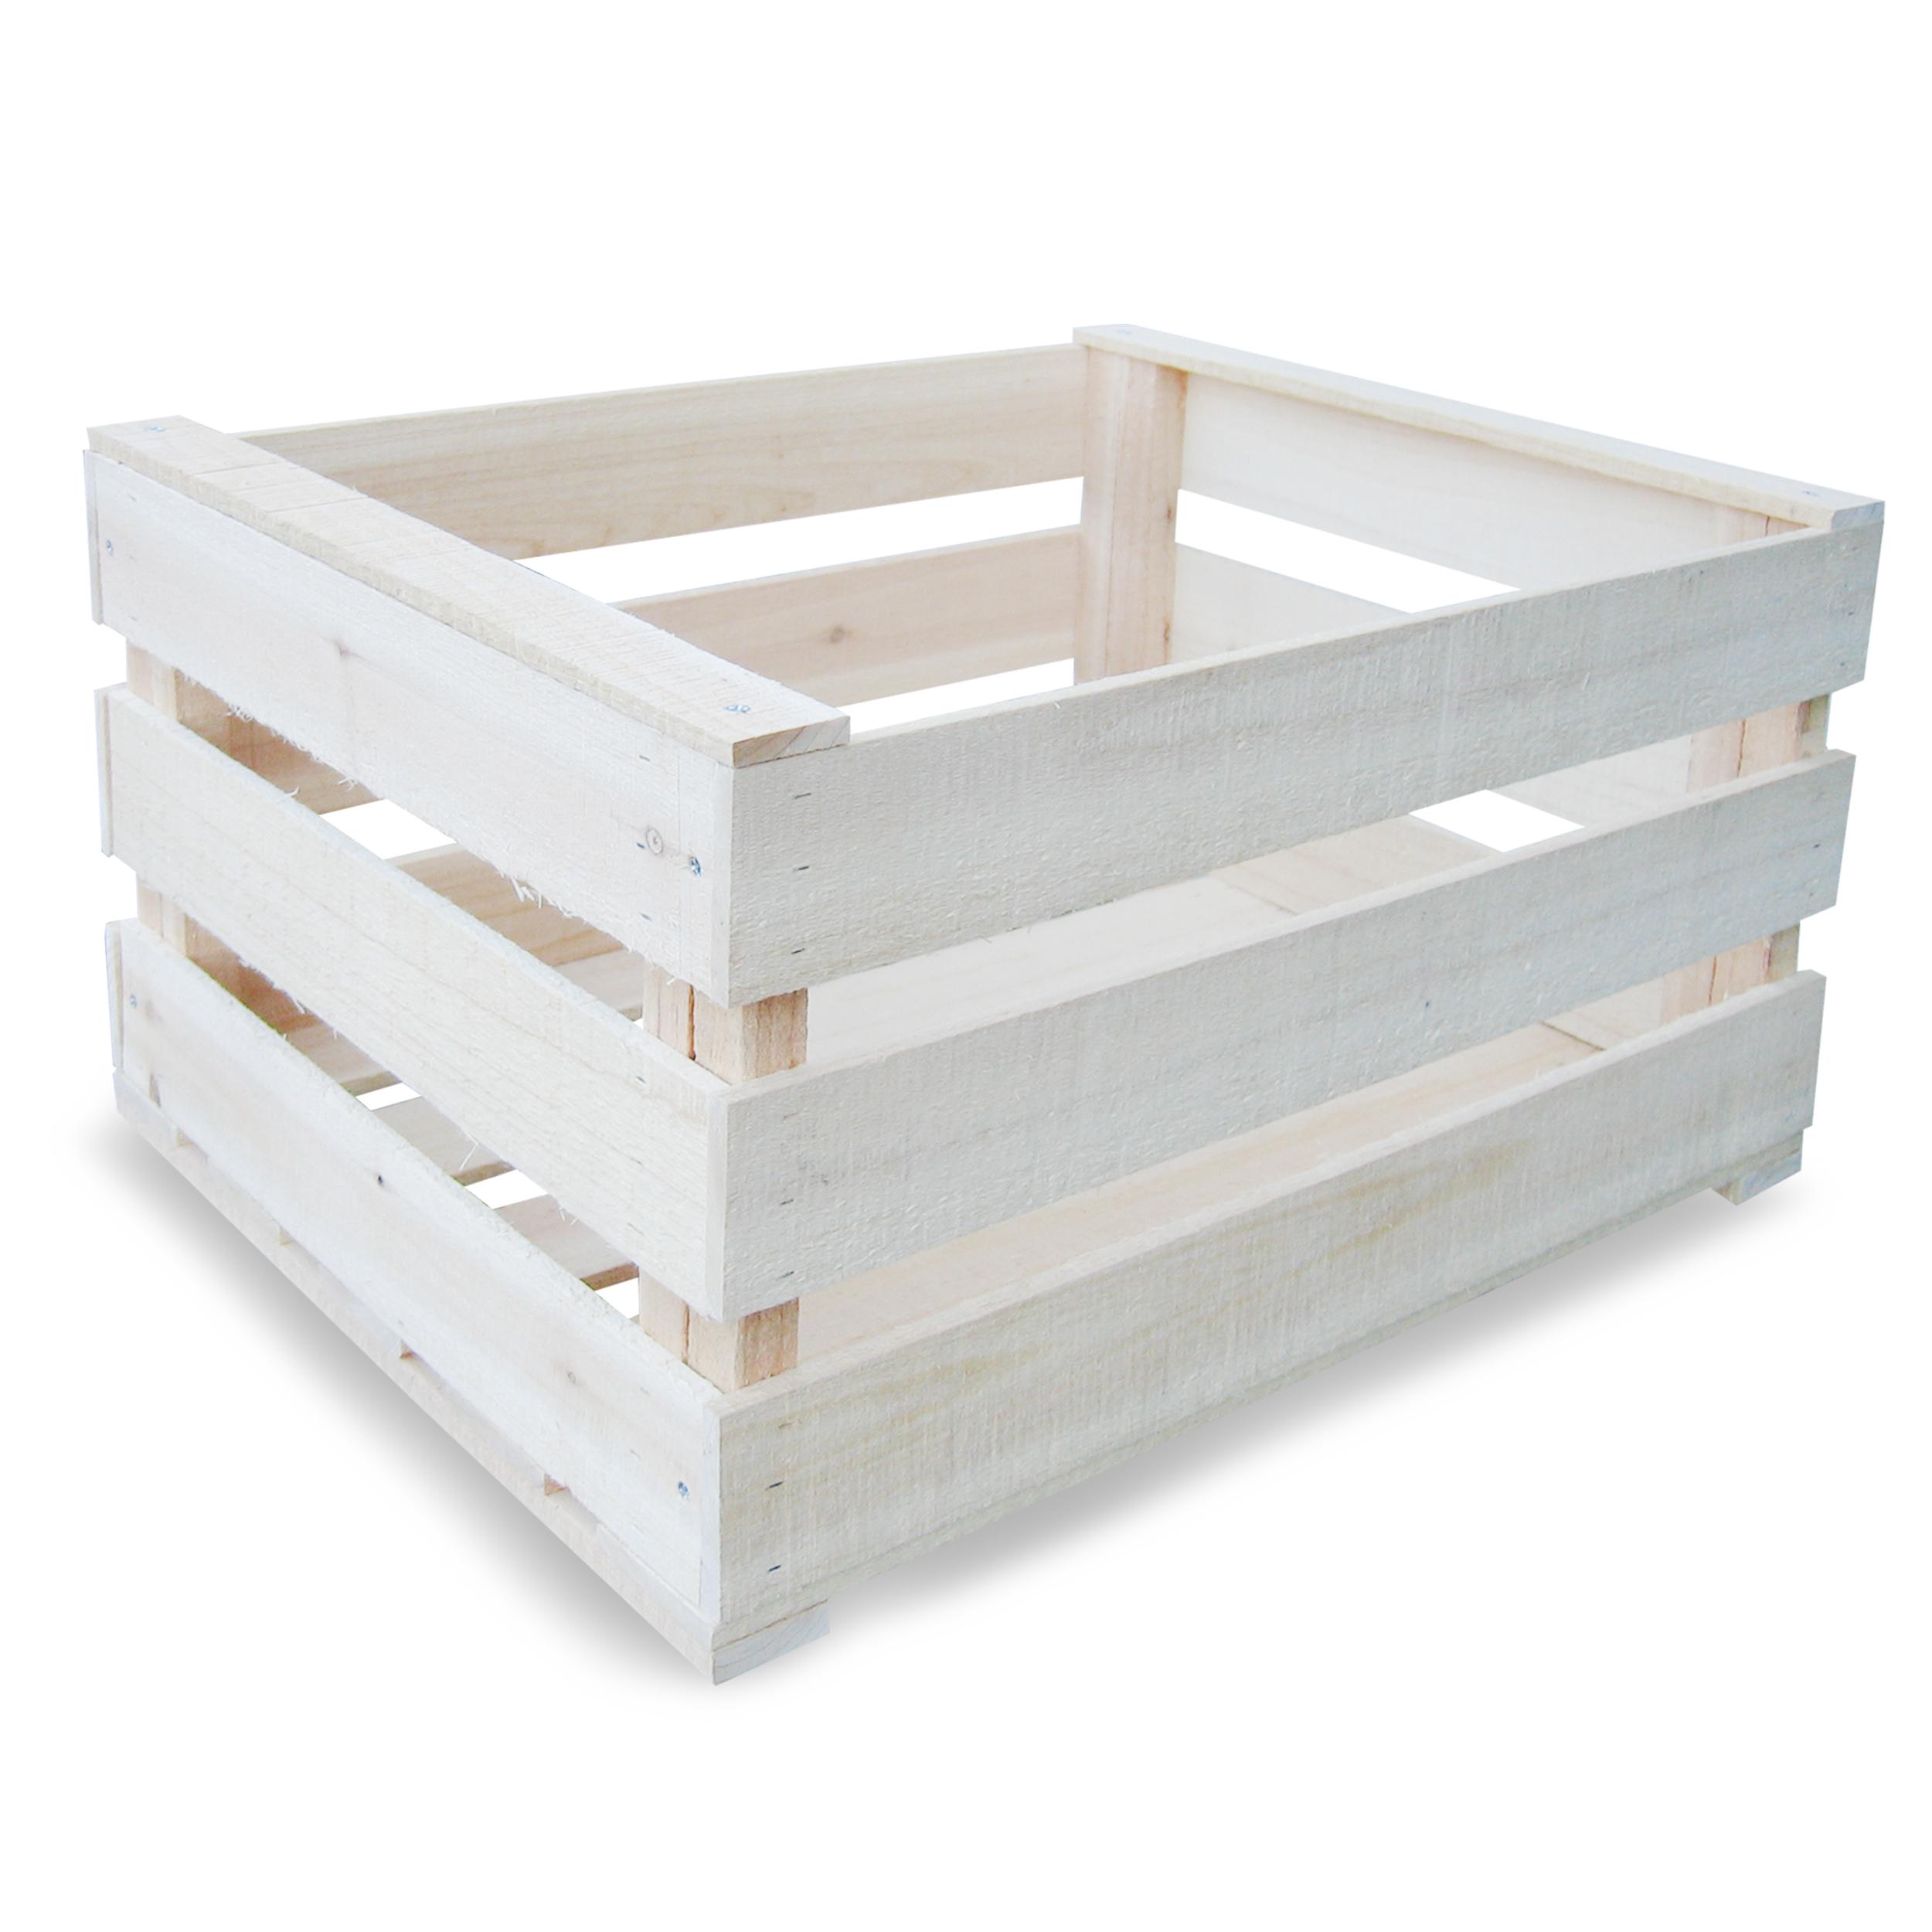 HABAU Holzkiste 620 - 55 x 40 x 32 cm